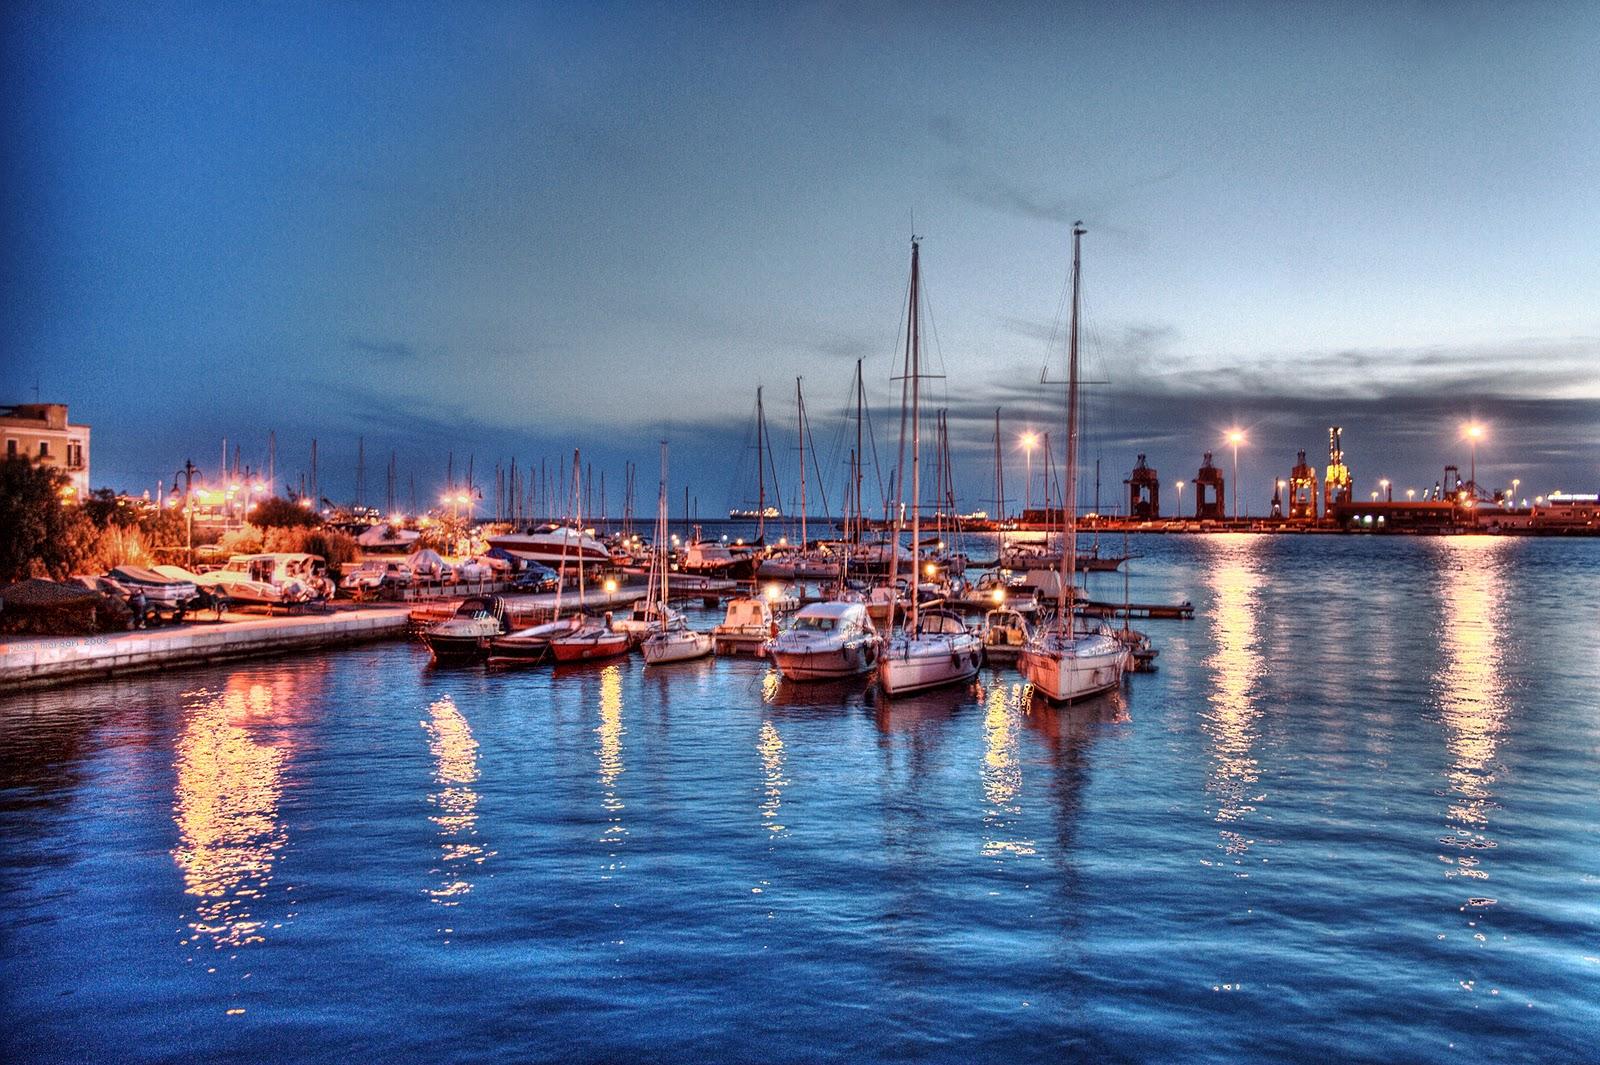 Taranto Italy  city photos : Fotoğraflar,İtalya'nın çeşitli yerlerinde çekilmiş.